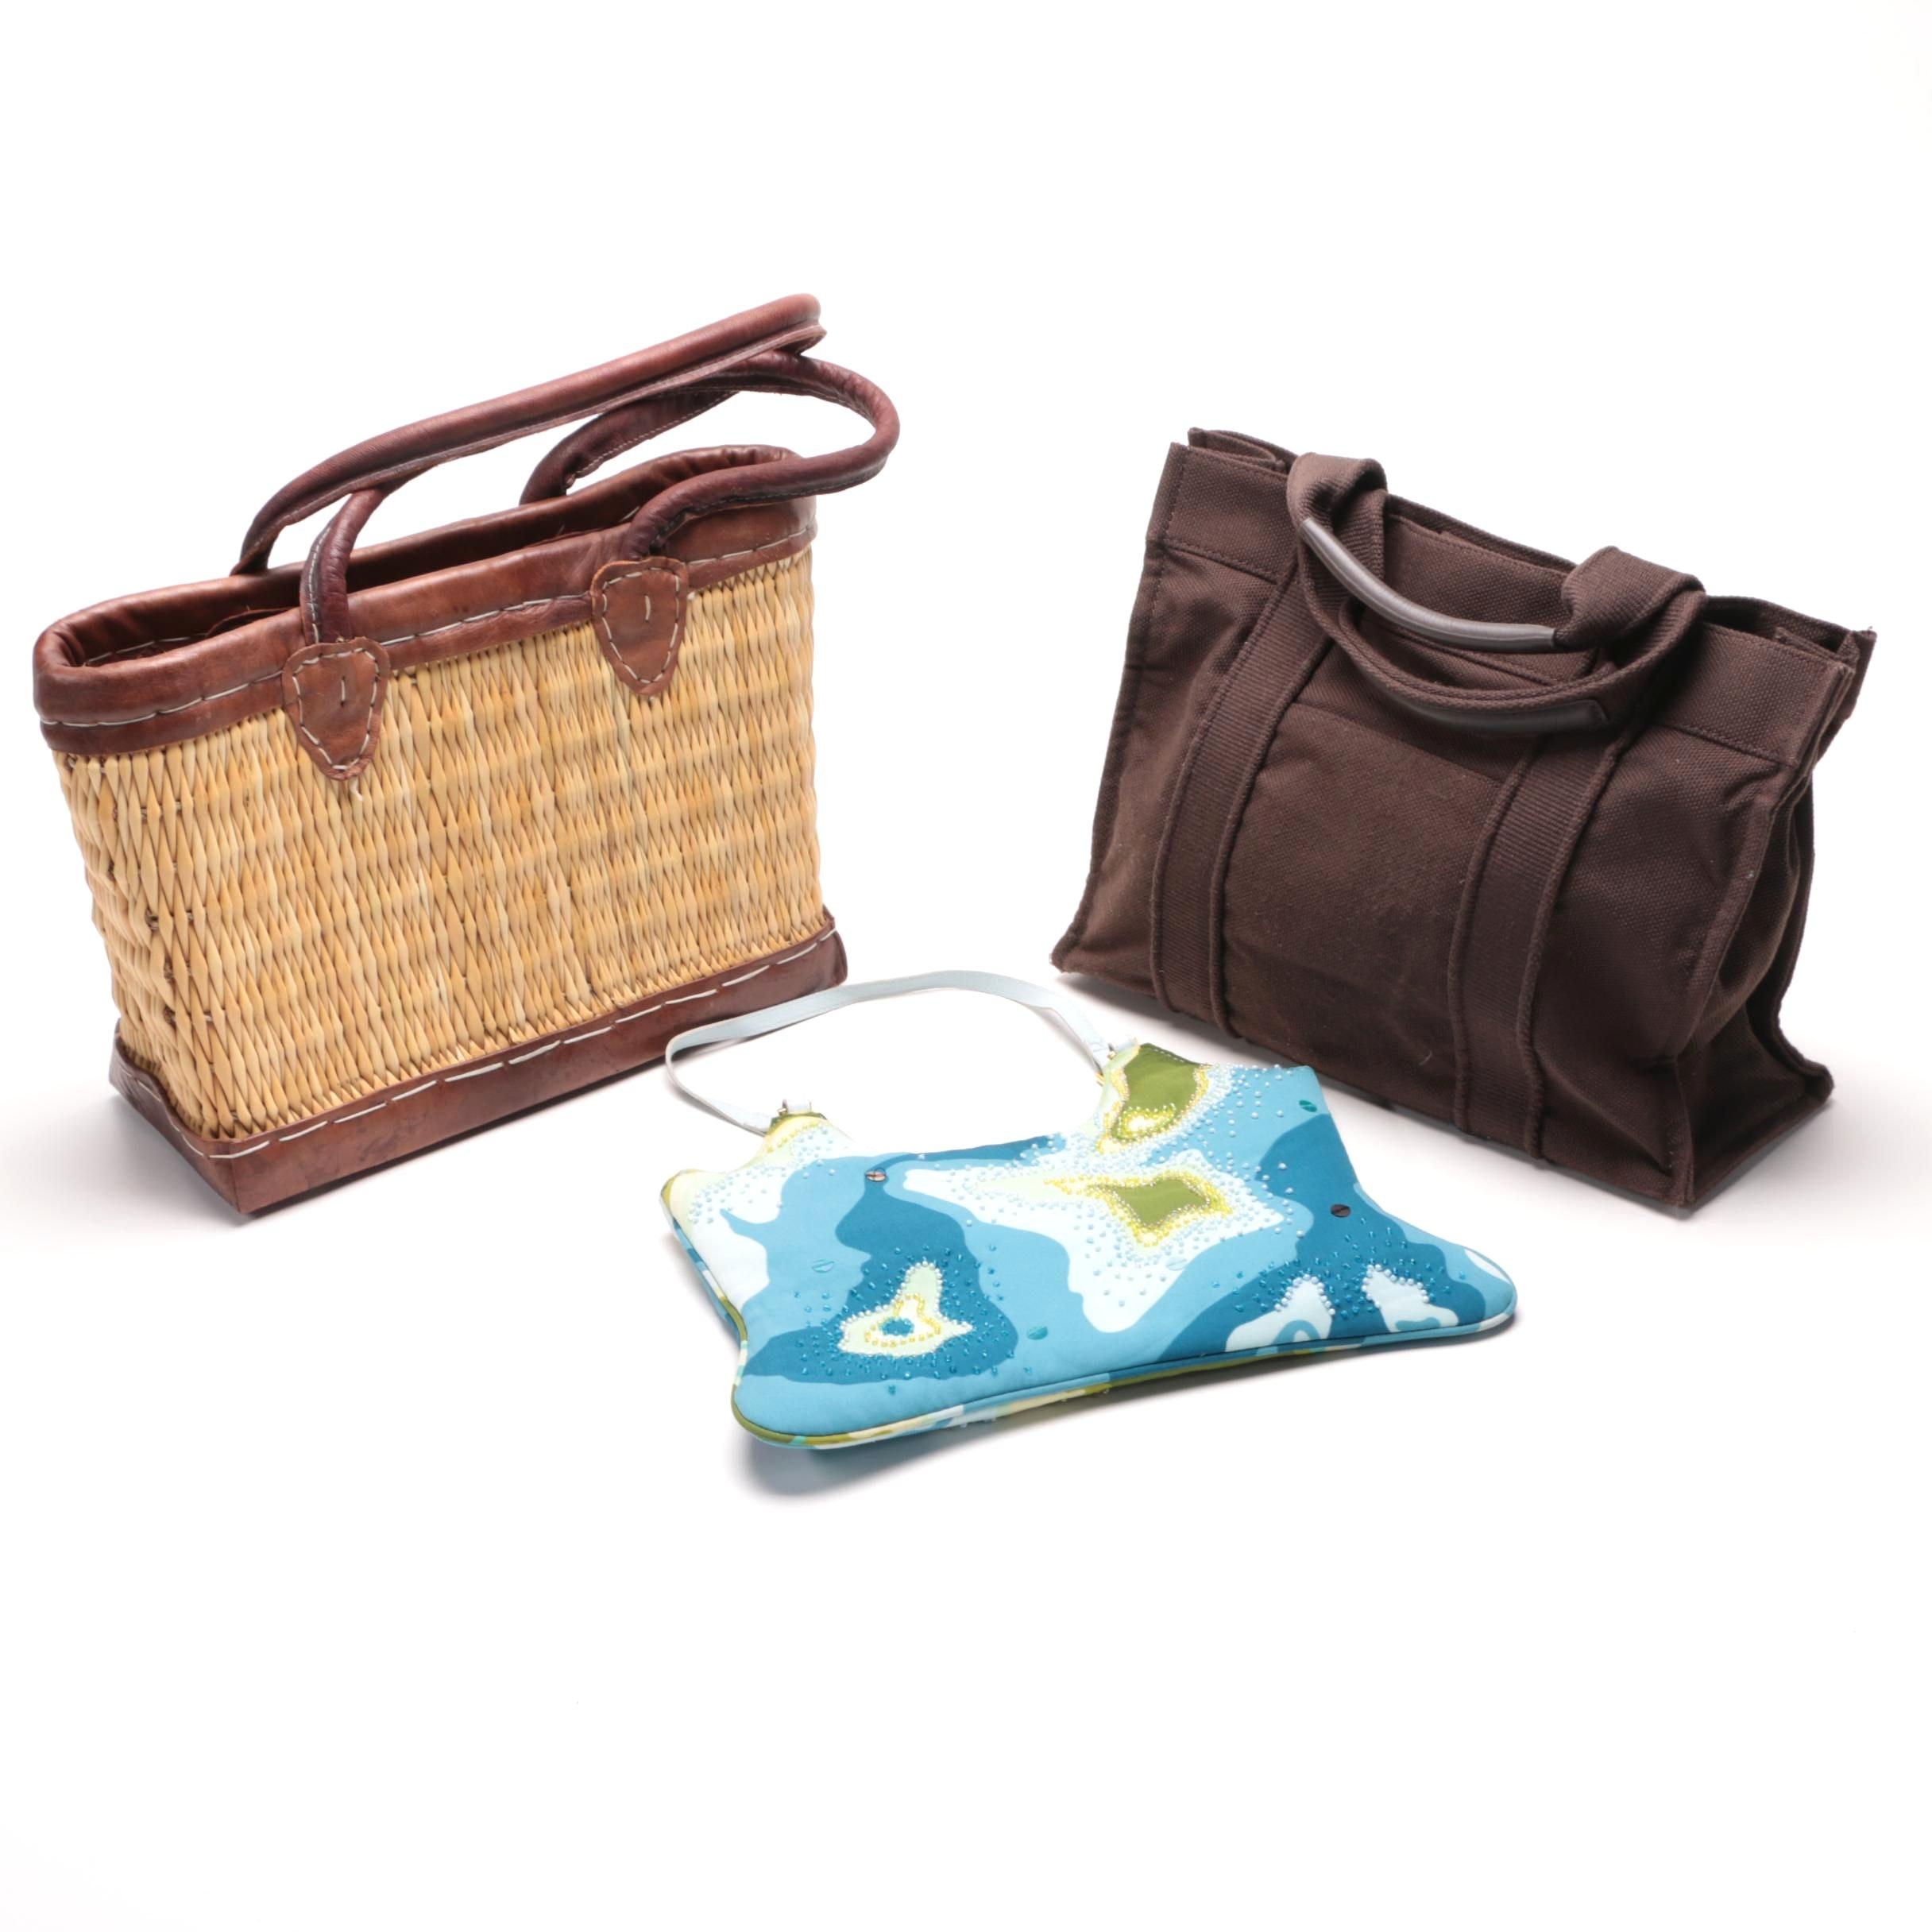 Handbags Including Diane von Furstenberg